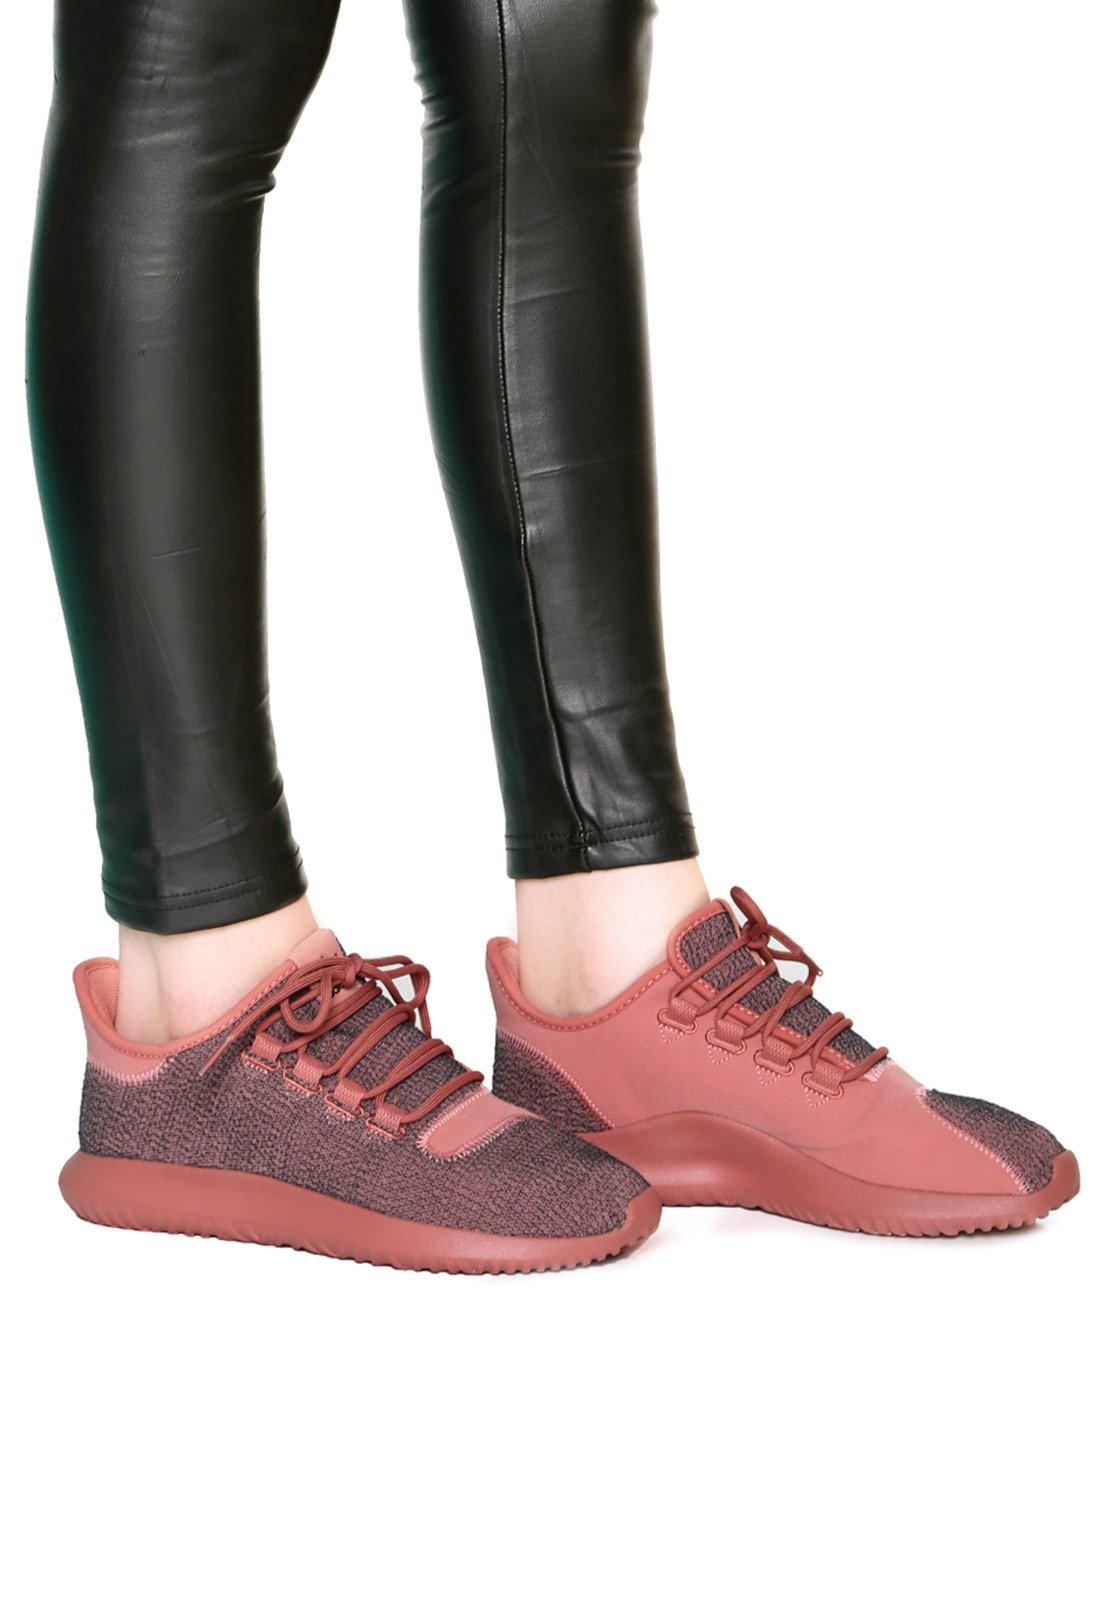 Moda moda mejor valorada original de costura caliente Tênis adidas Originals Tubular Shadow Rosa - Compre Agora | Dafiti ...